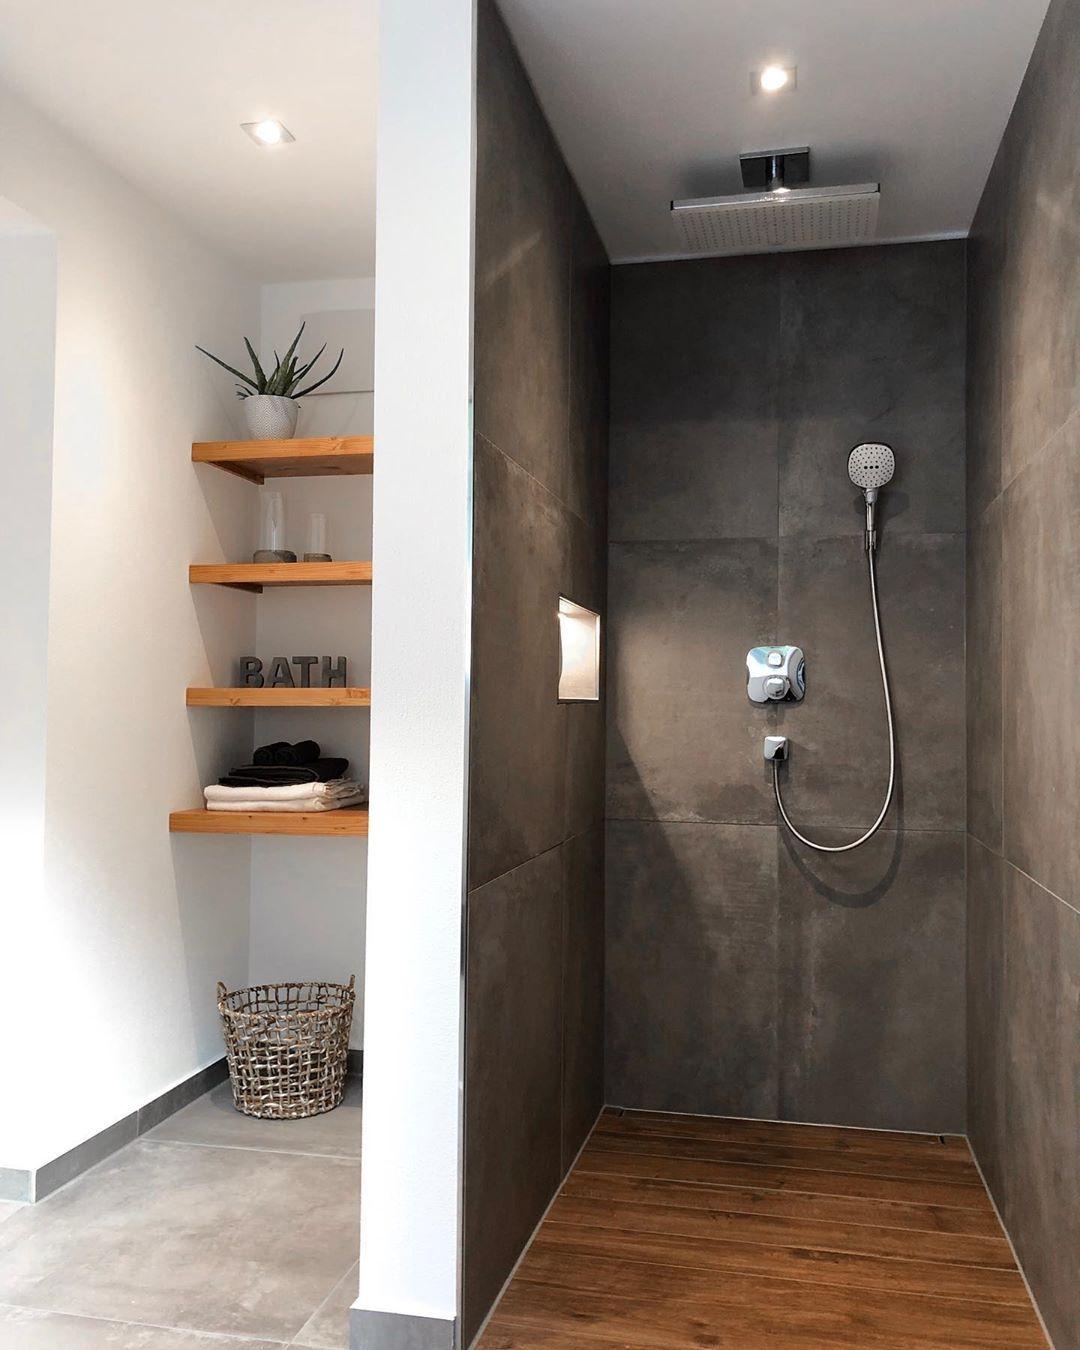 20 Holzfliesen badezimmer Ideen   badezimmer, badezimmerideen ...